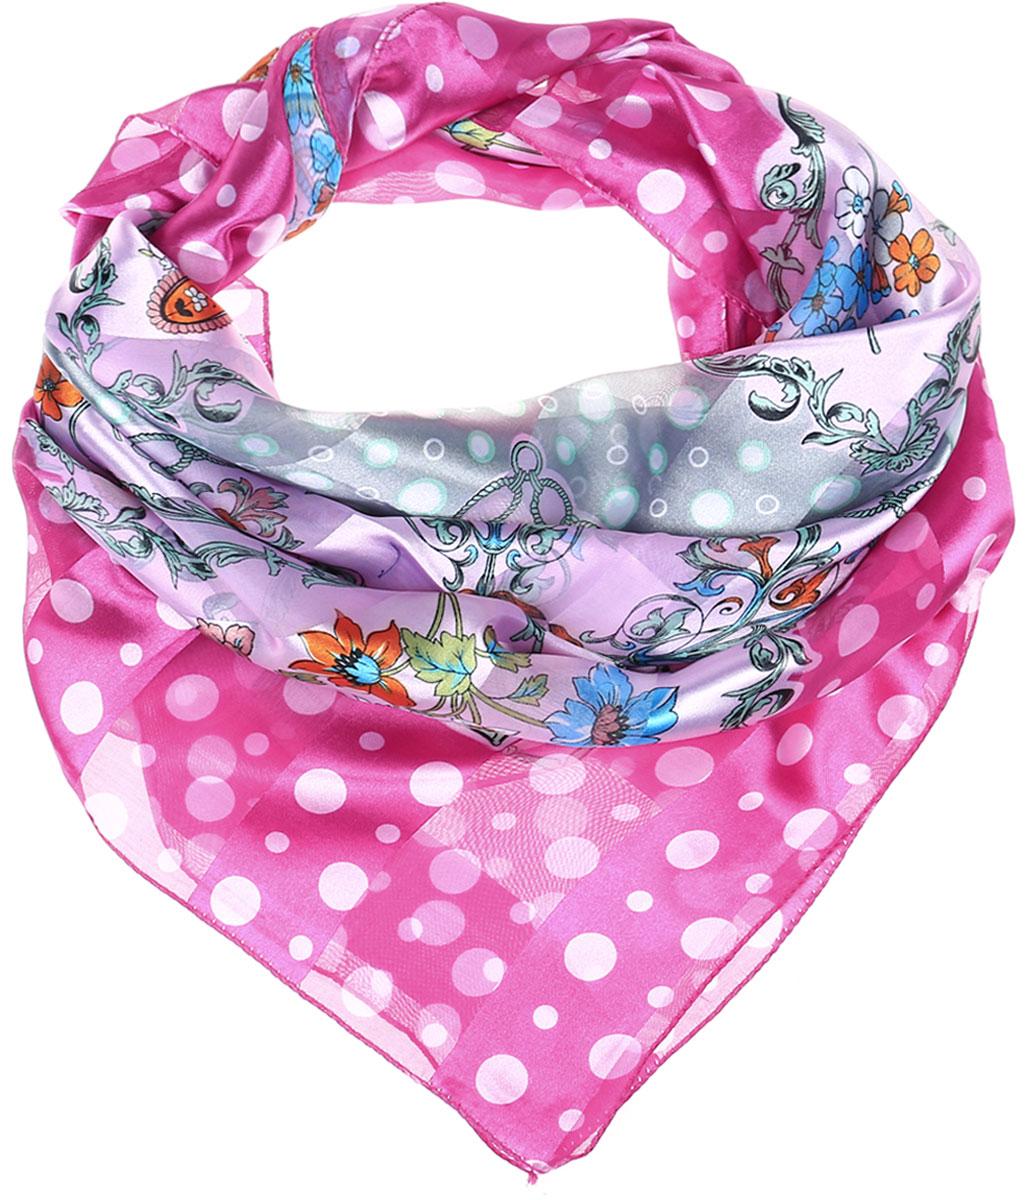 ПлатокRo0118-13-3Стильный женский платок Vittorio Richi изготовлен из высококачественного полиэстера с добавлением шелка. Платок оформлен эффектом деворе полоса и оригинальным цветочным принтом. Отделка краев - оверлок.